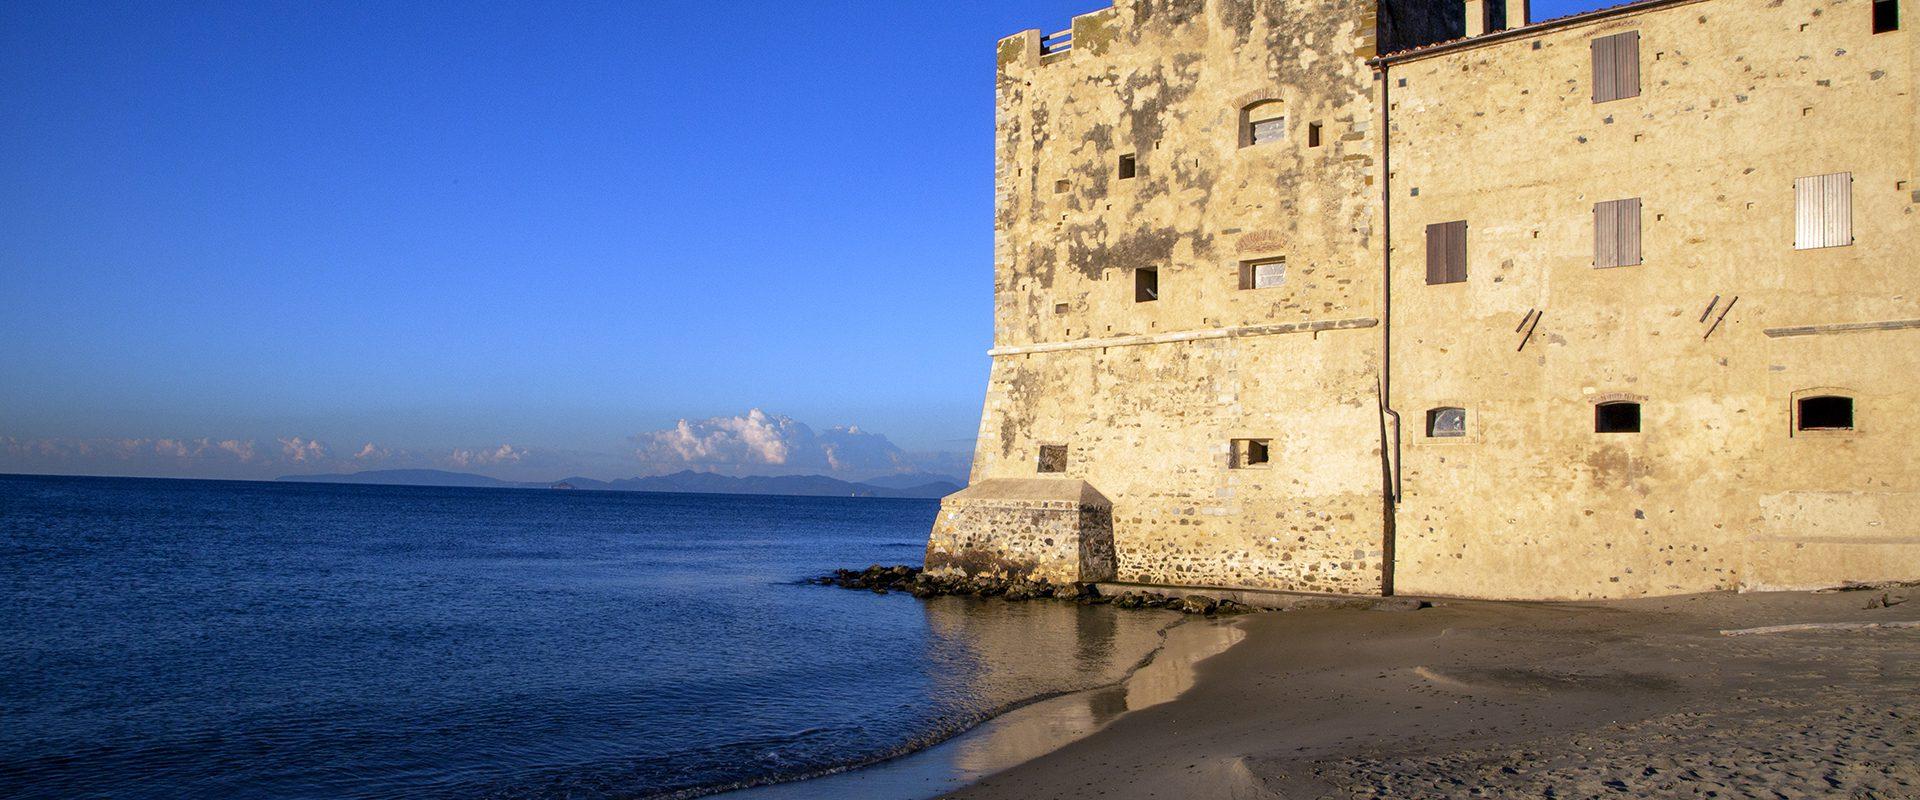 Le spiagge di Torre Mozza, Carbonifera, Mortelliccio e Casetta Civinini